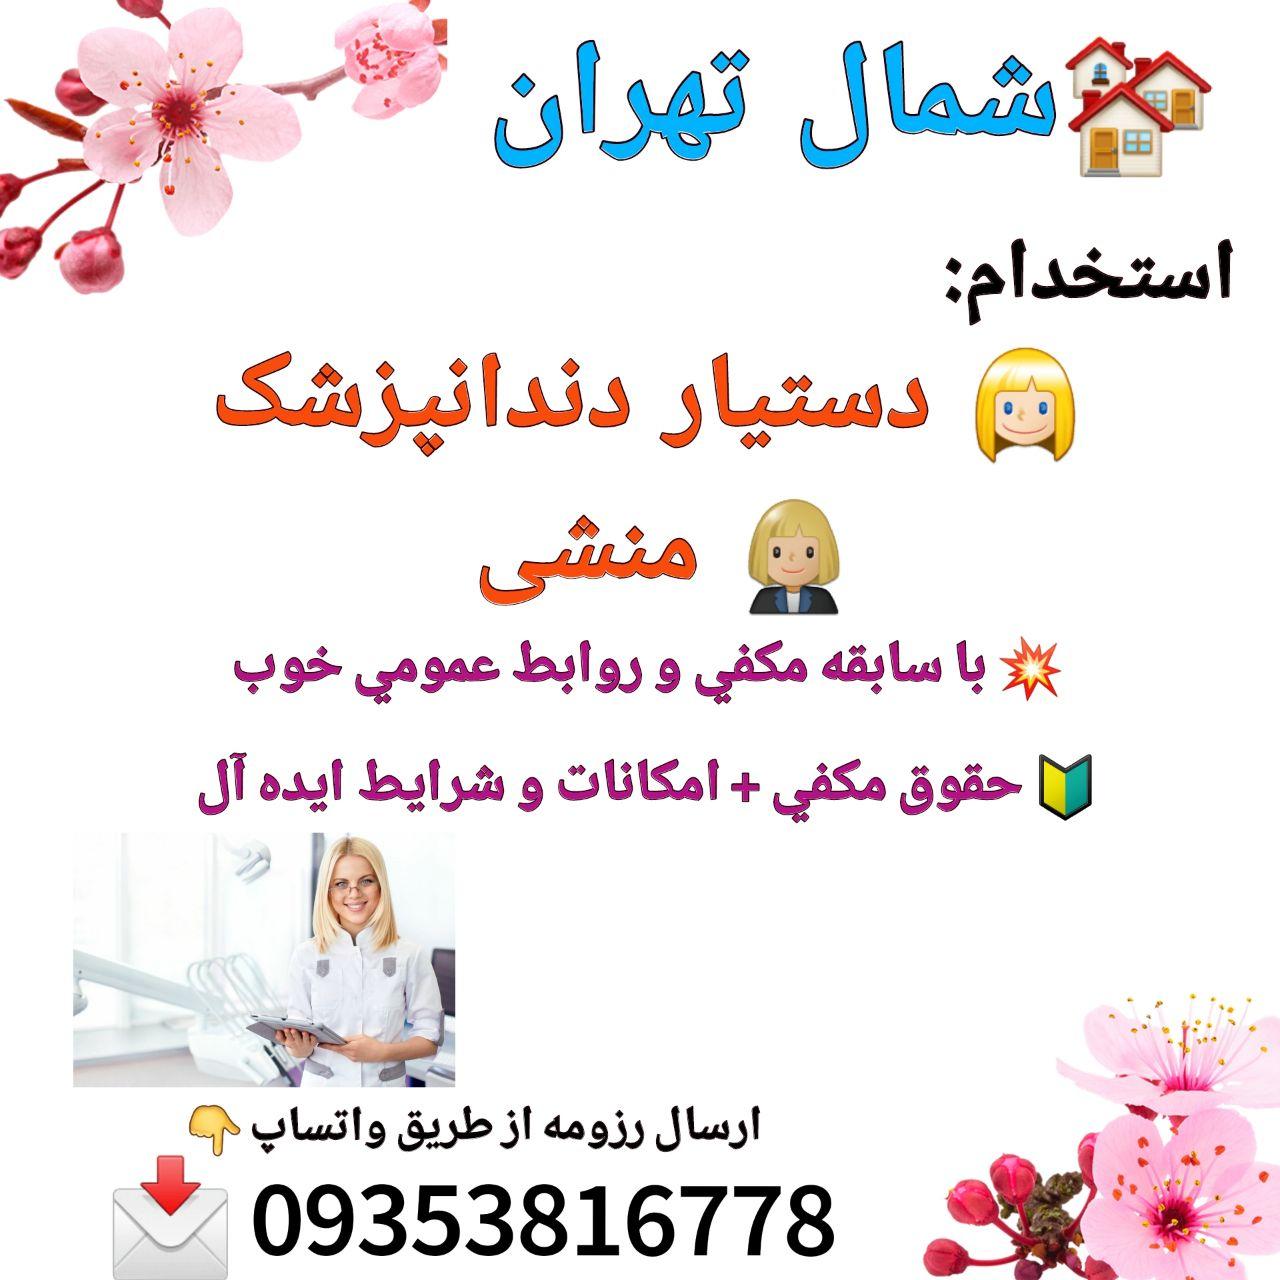 شمال تهران، نیاز به دستیار دندانپزشک، و منشی